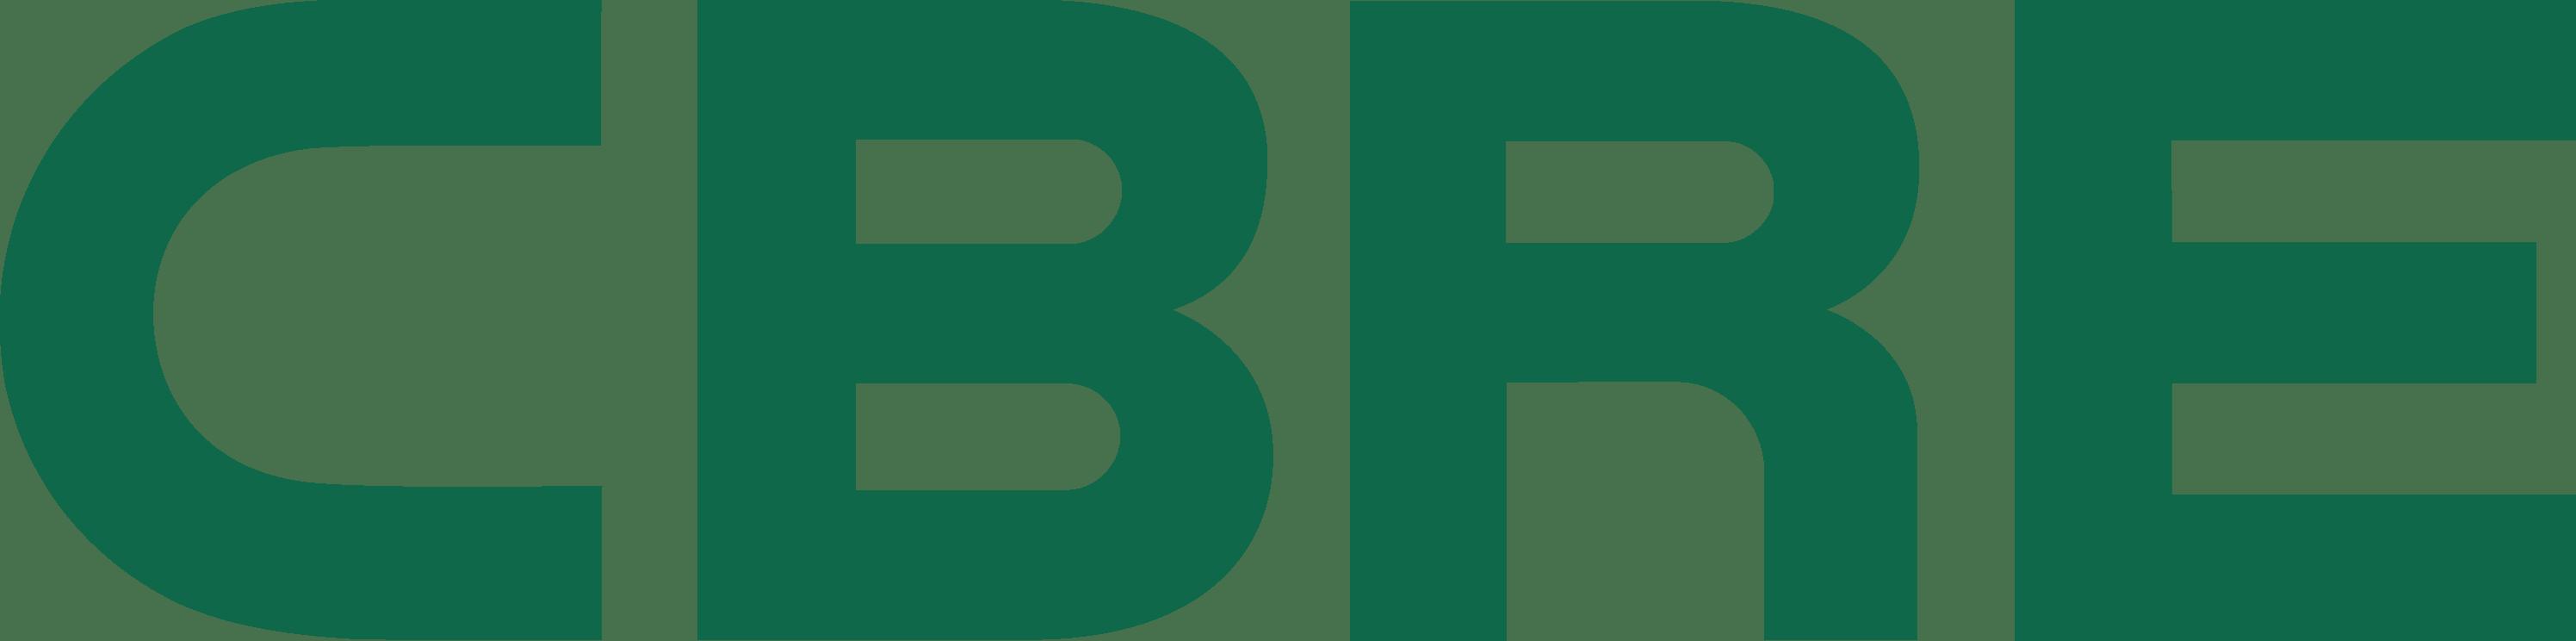 CBRE Logo png